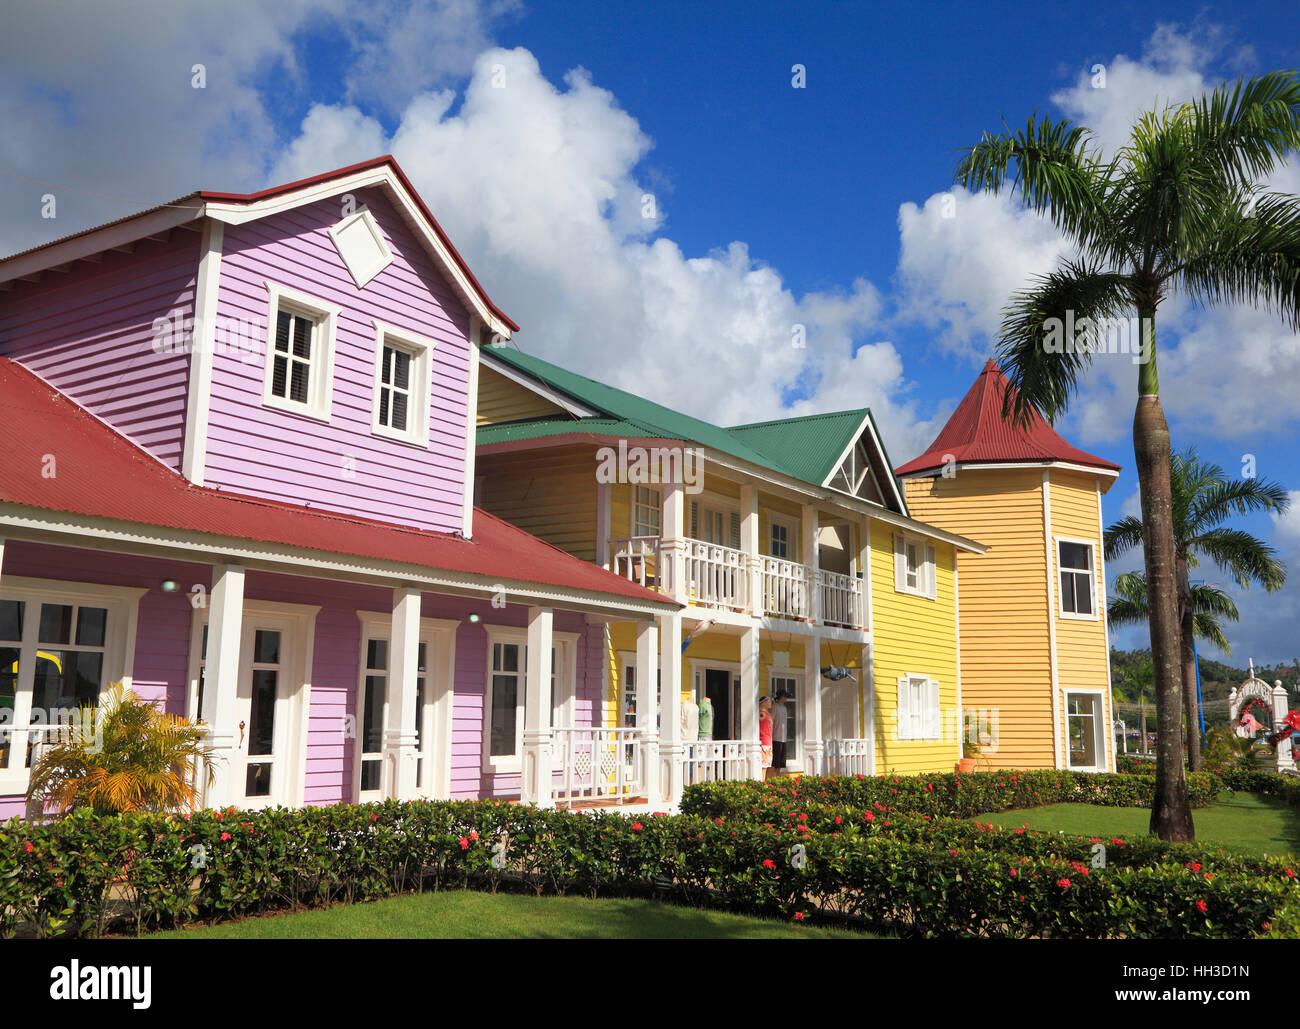 Les maisons en bois peintes de couleurs vives des Caraïbes à Samana, République Dominicaine Photo Stock